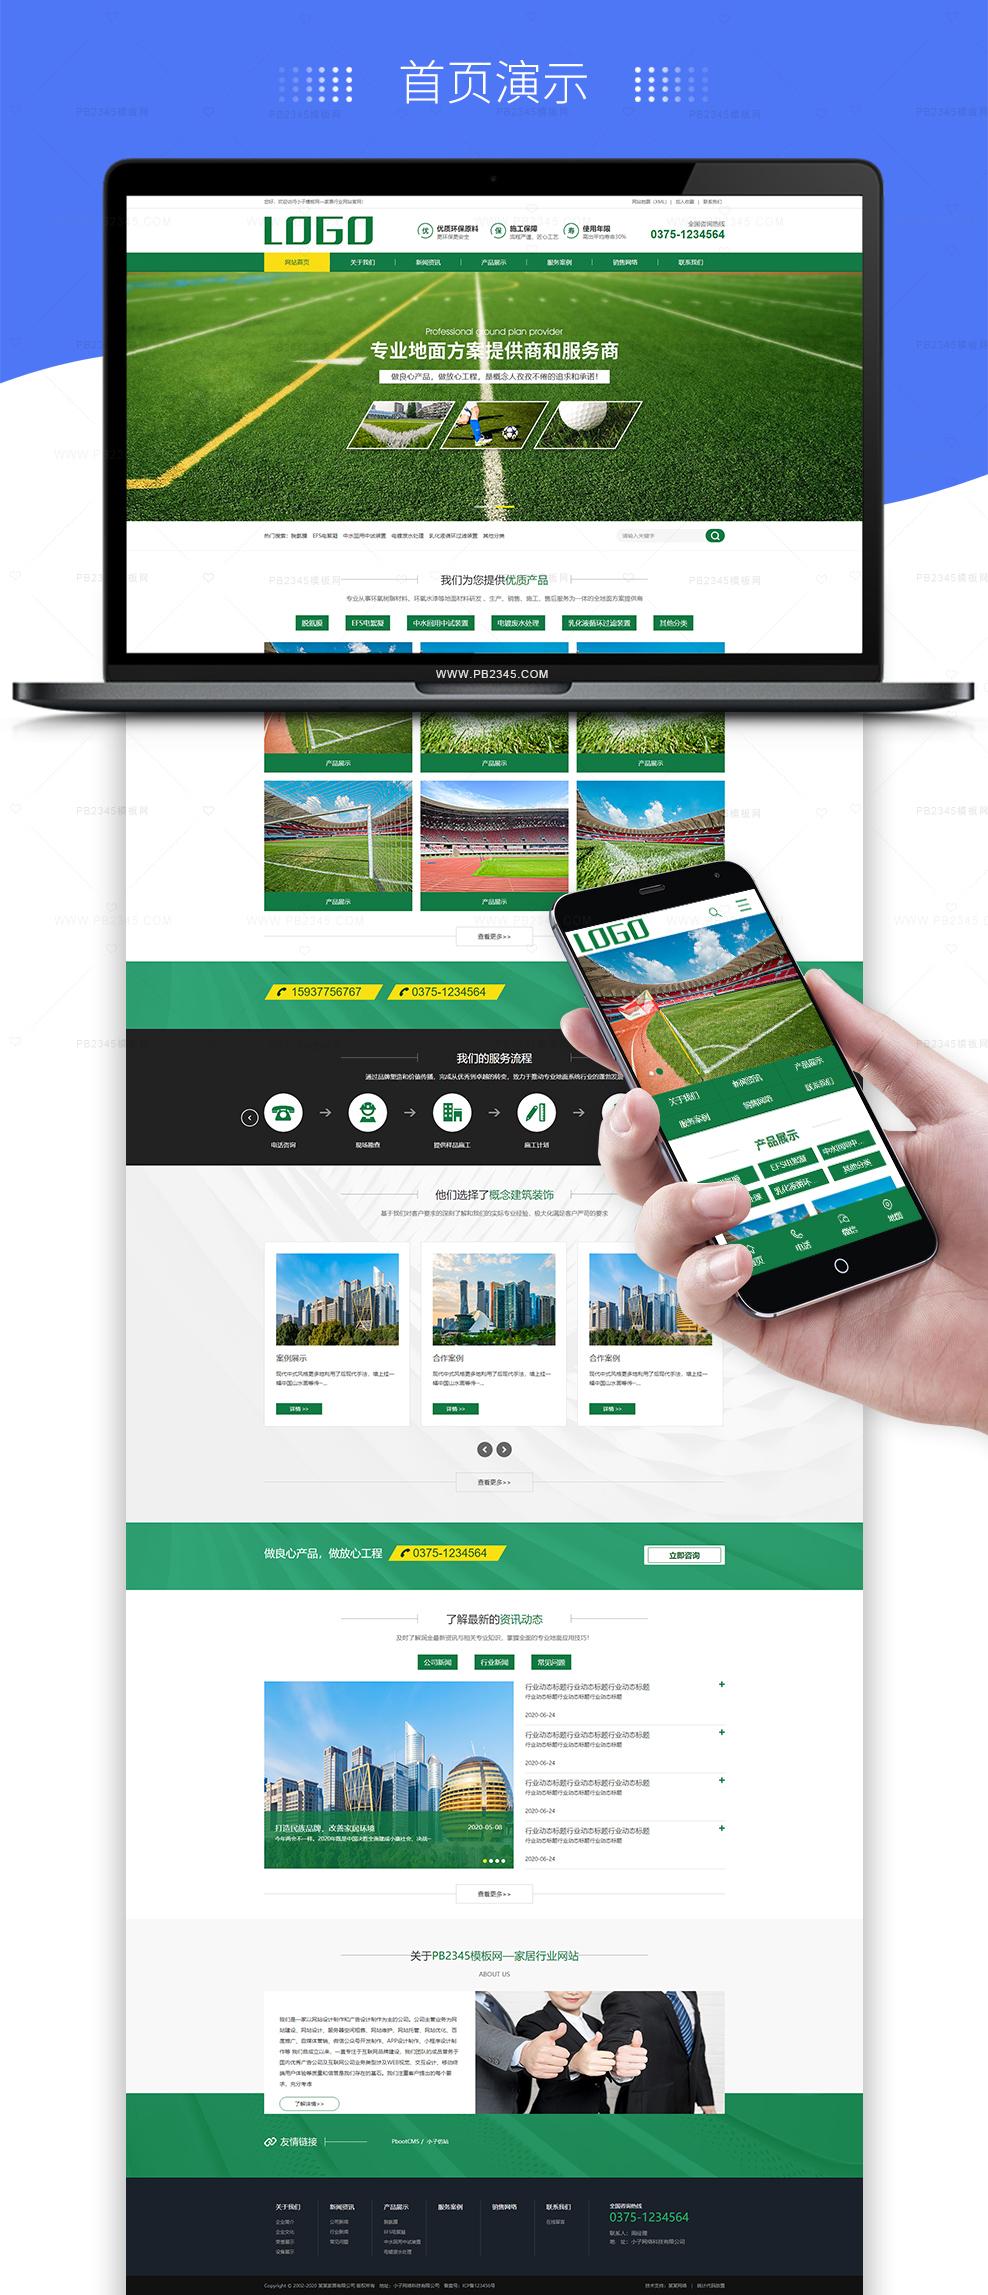 PBOOTCMS模板苗木草坪种植类网站模板企业网站代码带手机端